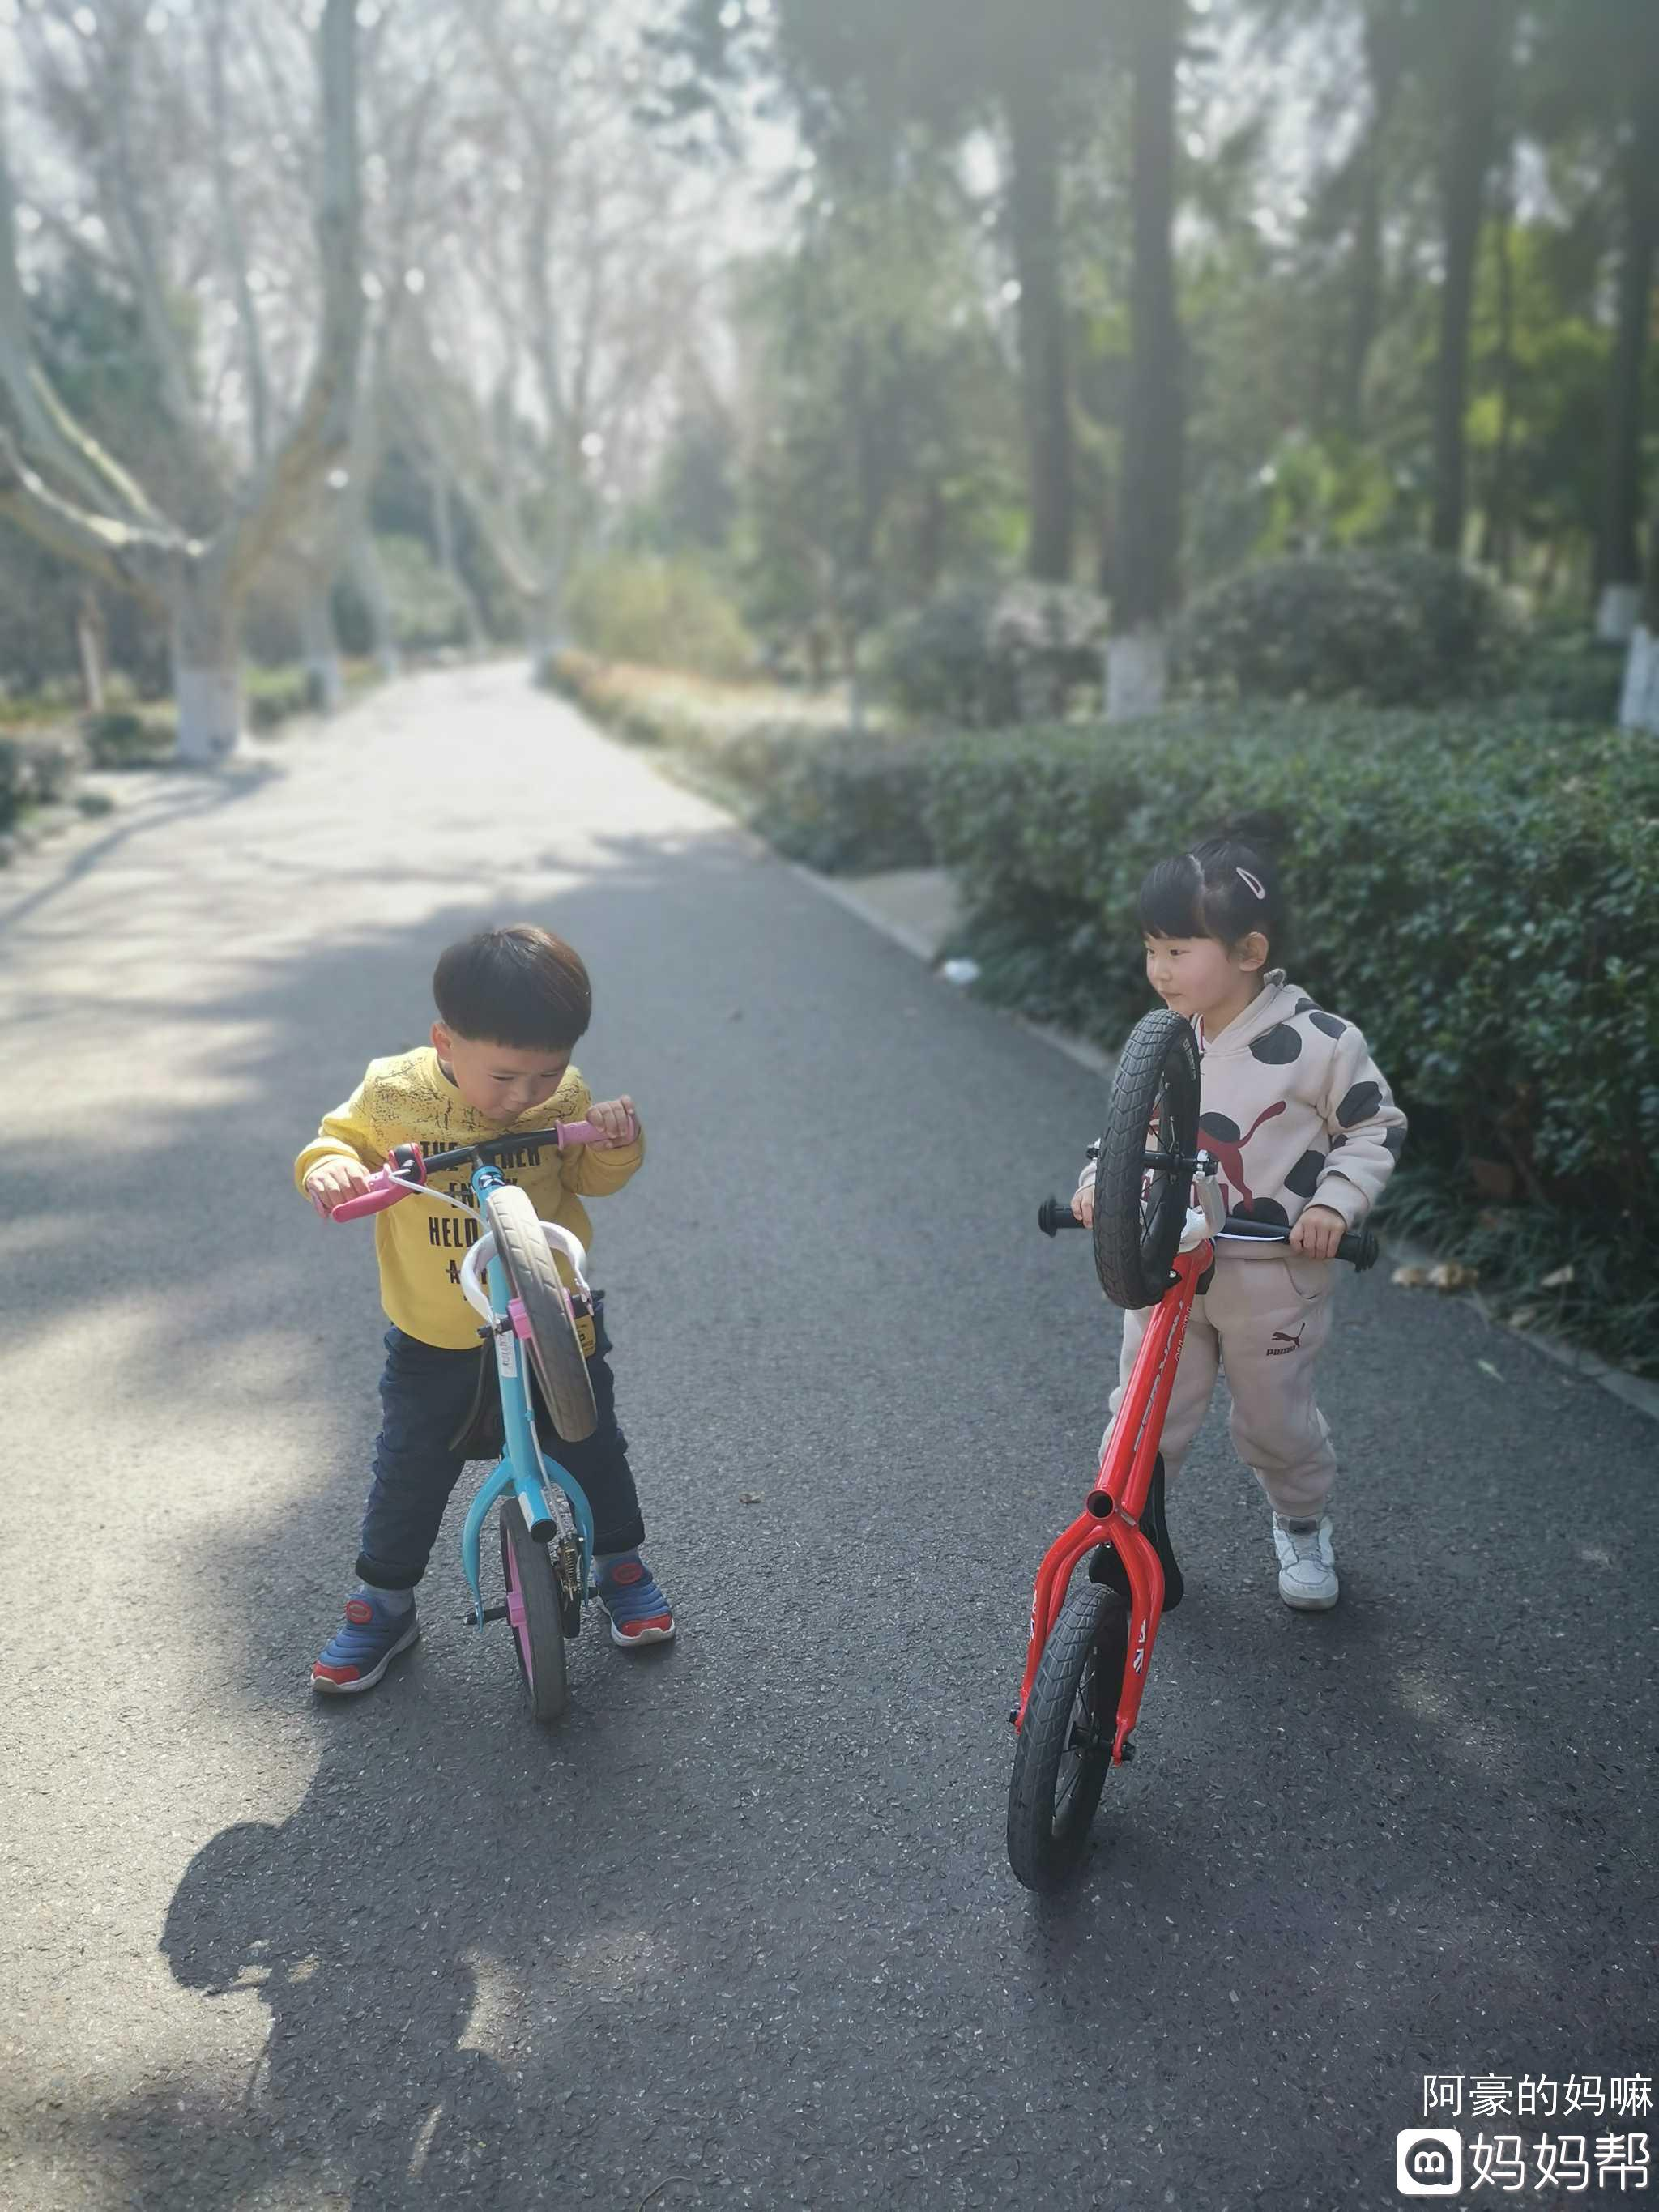 """引来路人频道的驻足观望:""""好可爱的两个小宝宝!"""